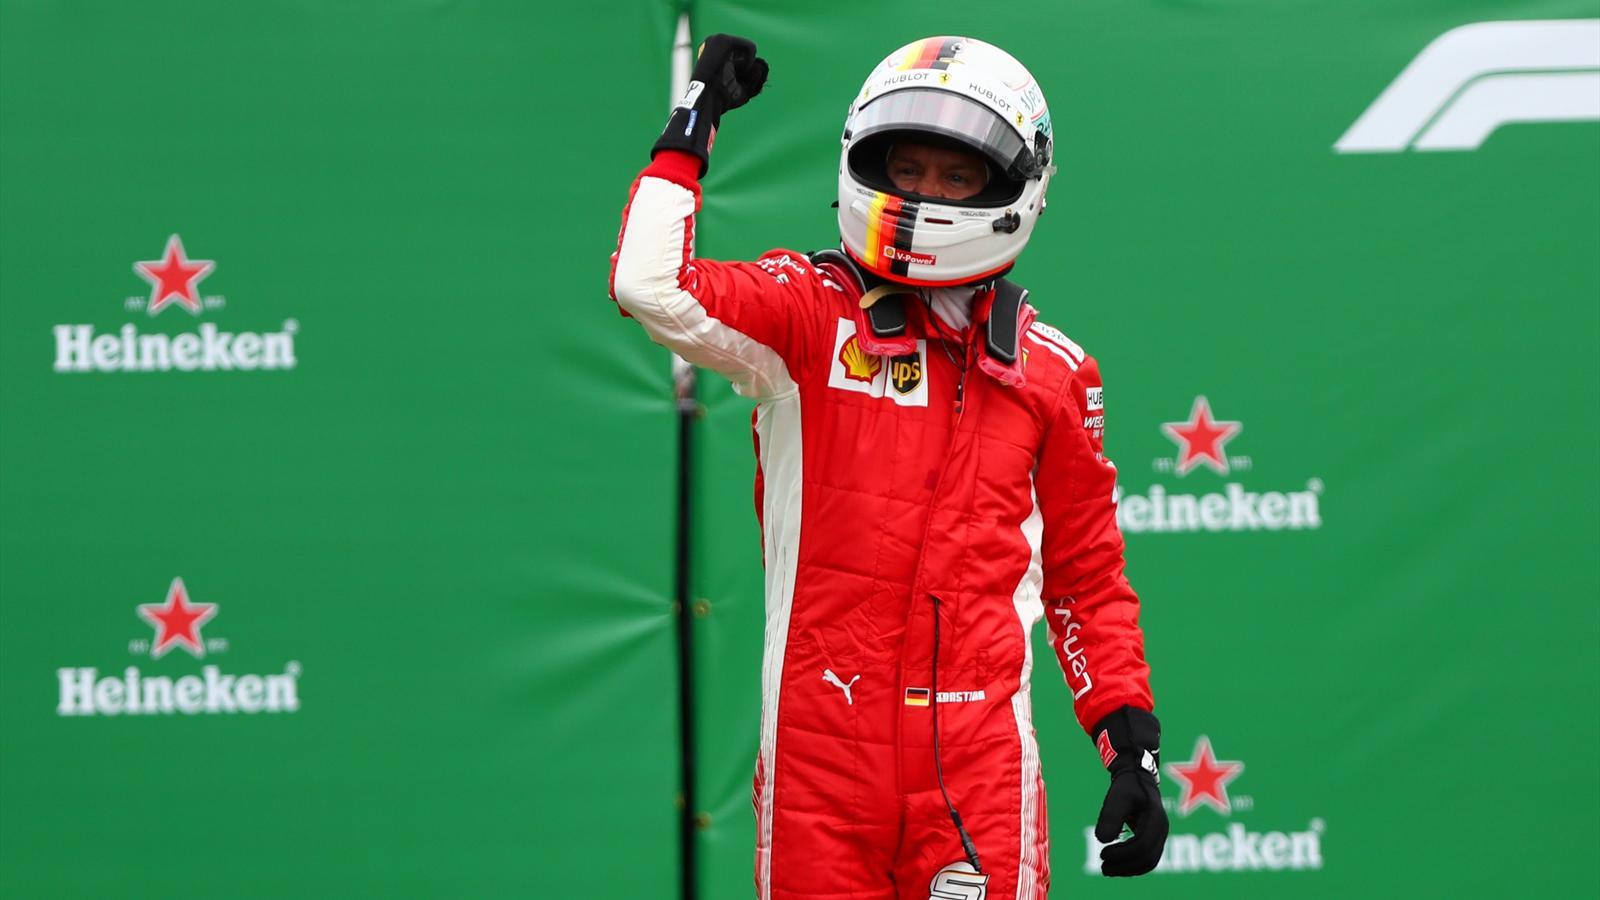 50 volte Sebastian Vettel! Vittoria e leadership. Dopo 14 anni la Ferrari torna a vincere a Montreal